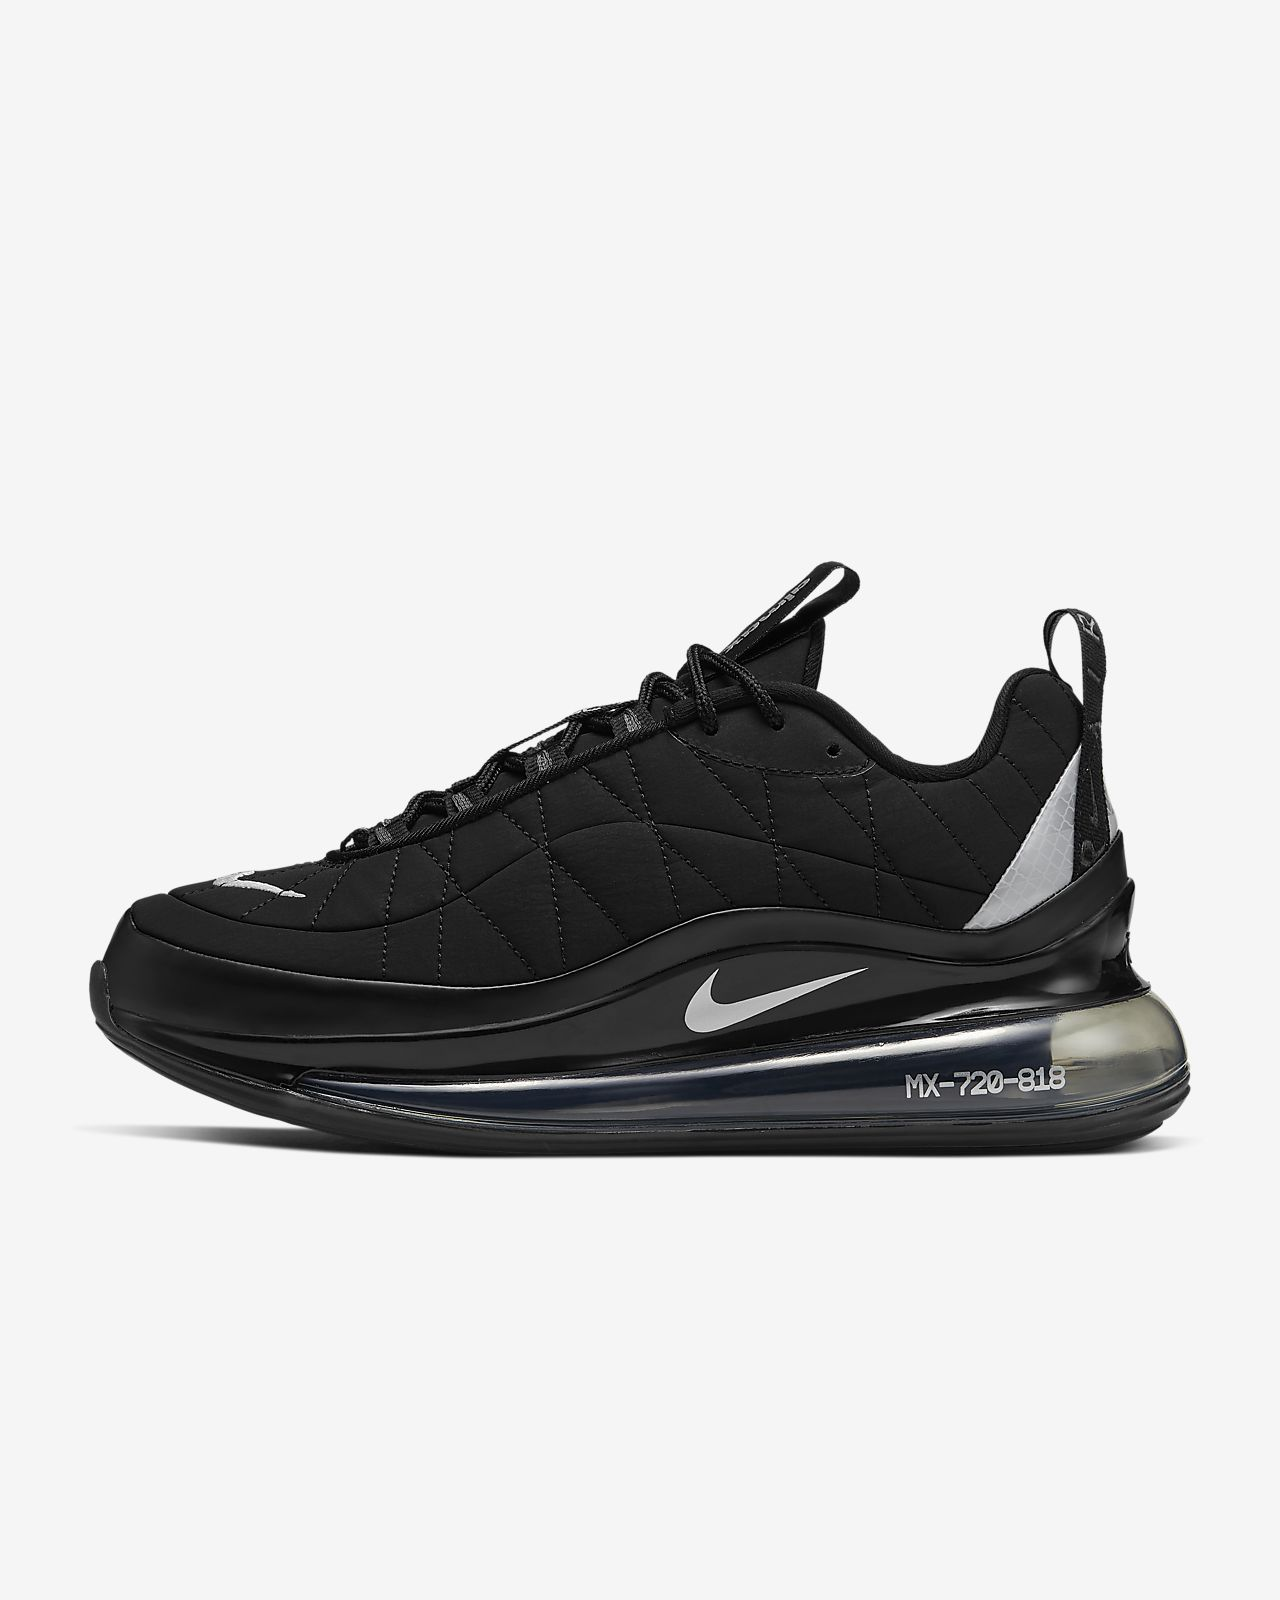 Calzado para mujer Nike MX-720-818